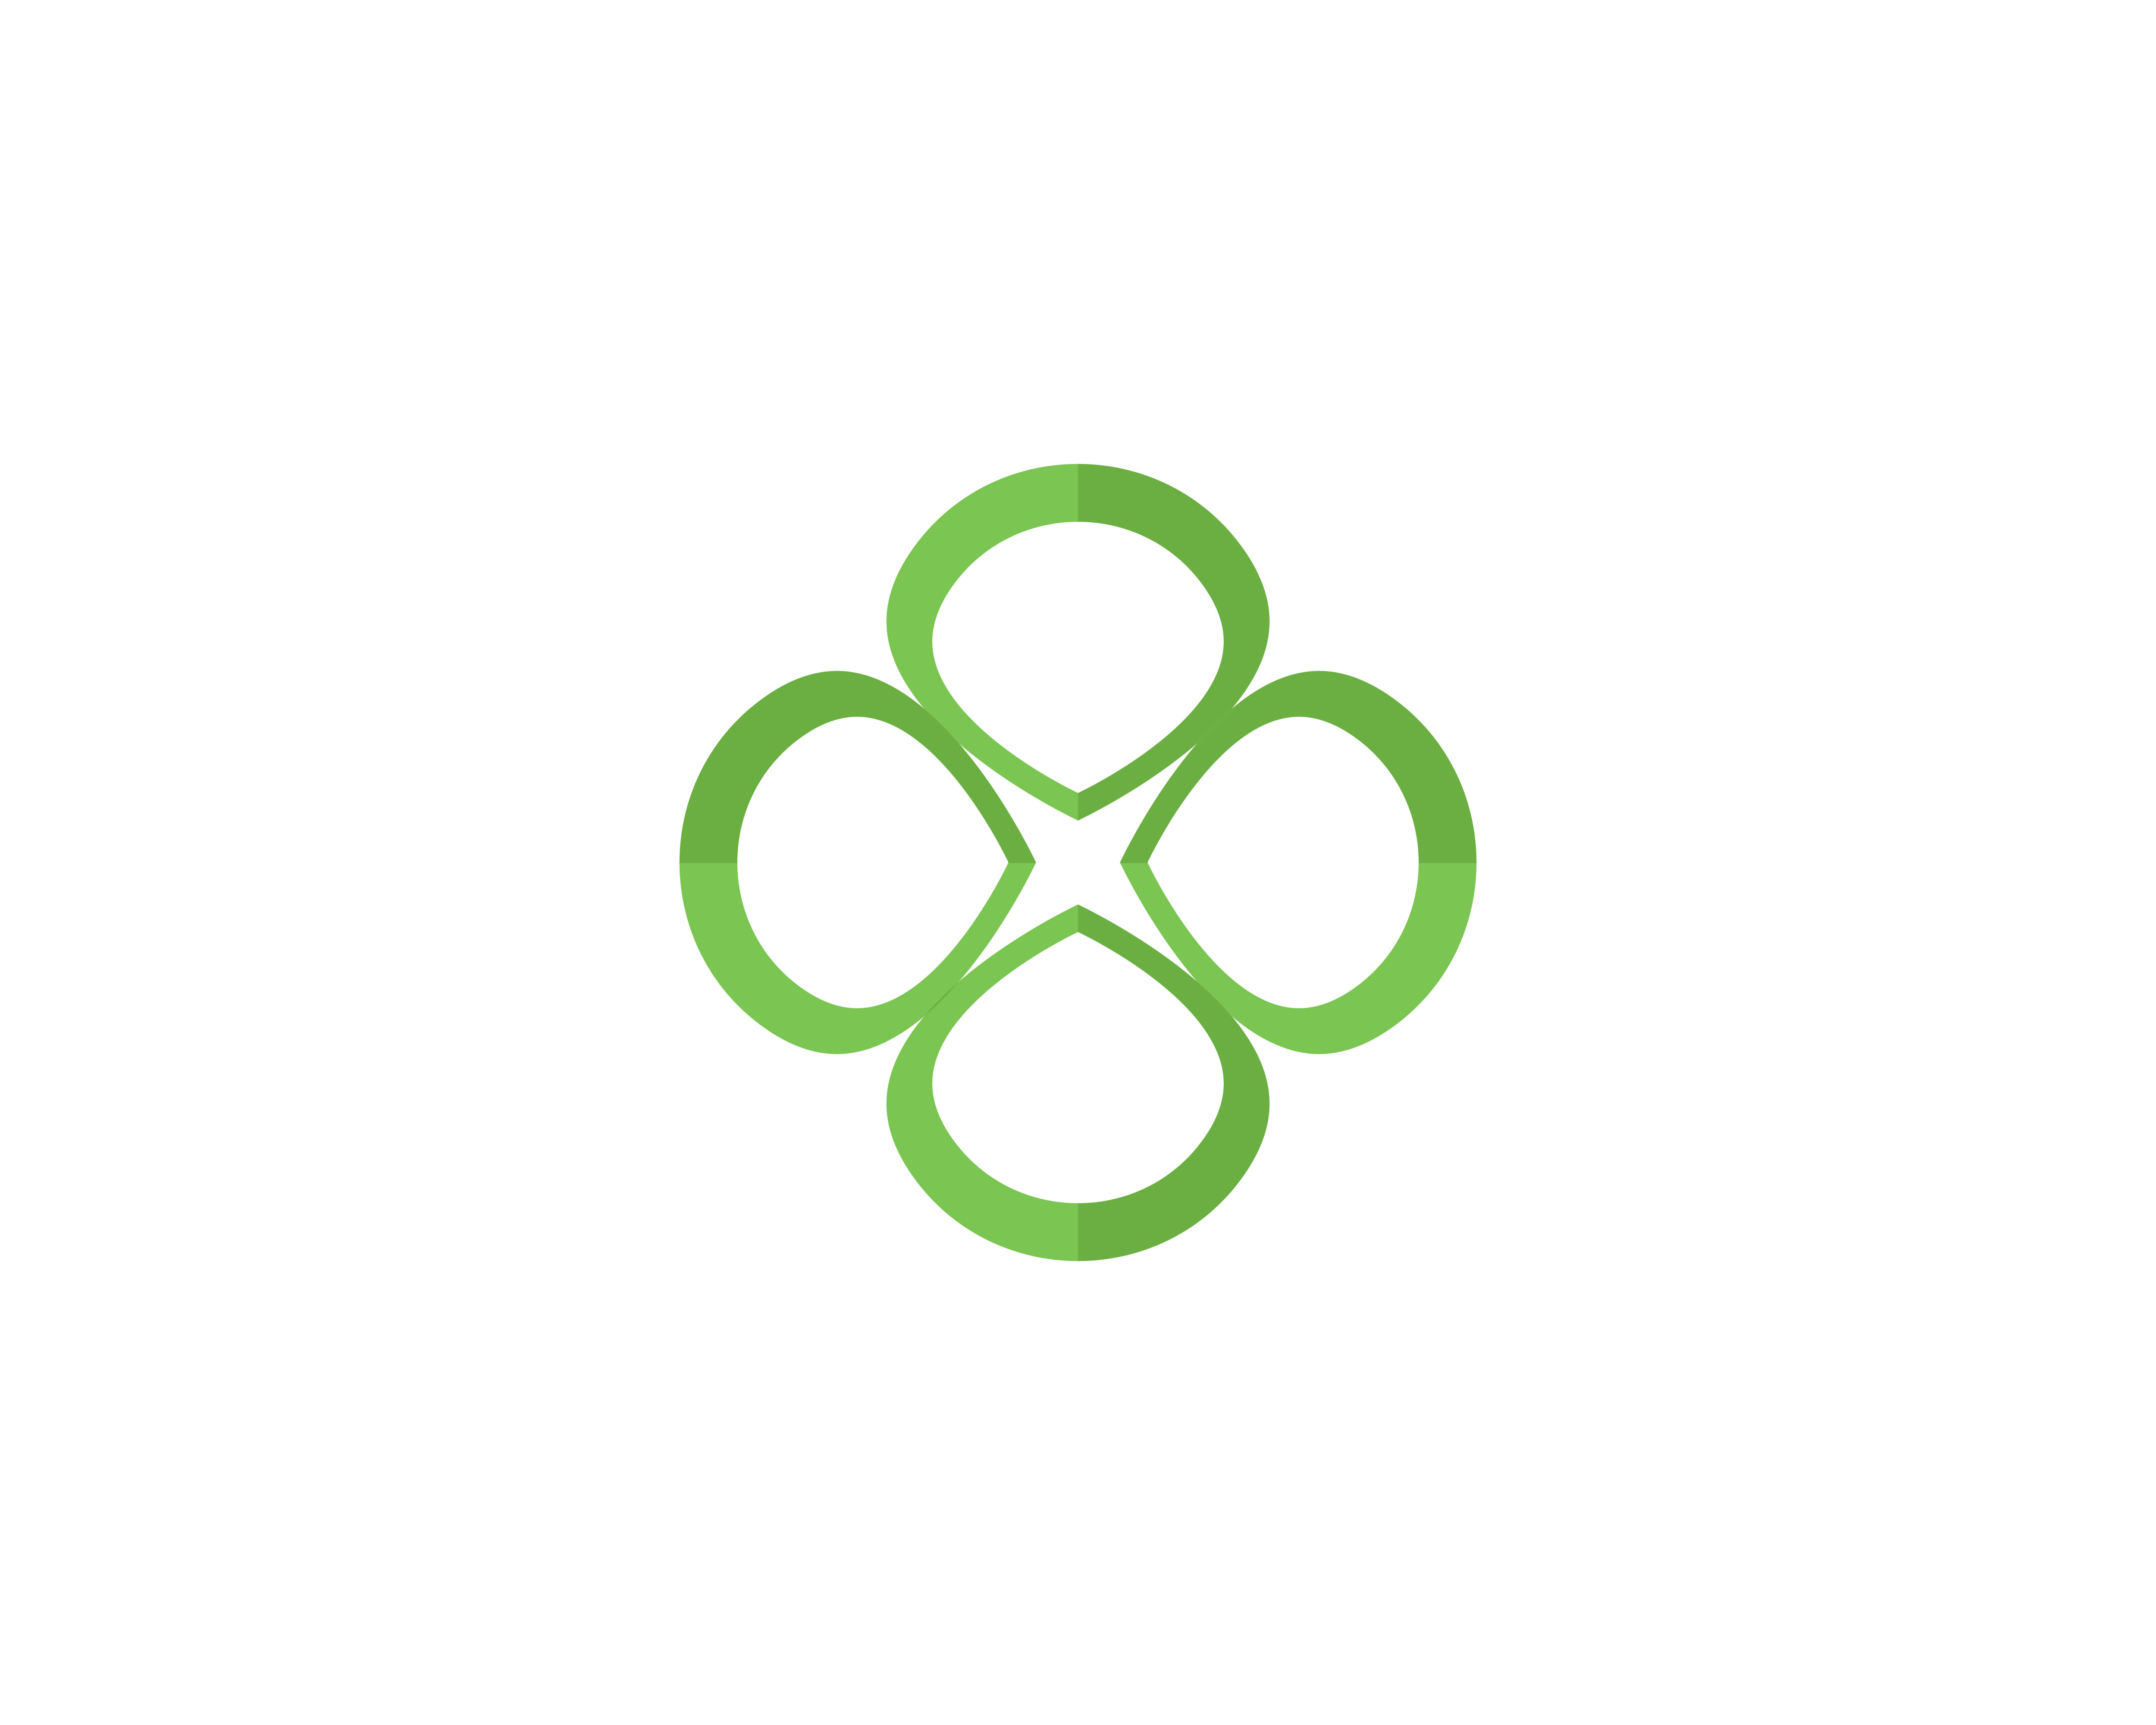 企業logo 免費下載   天天瘋後製